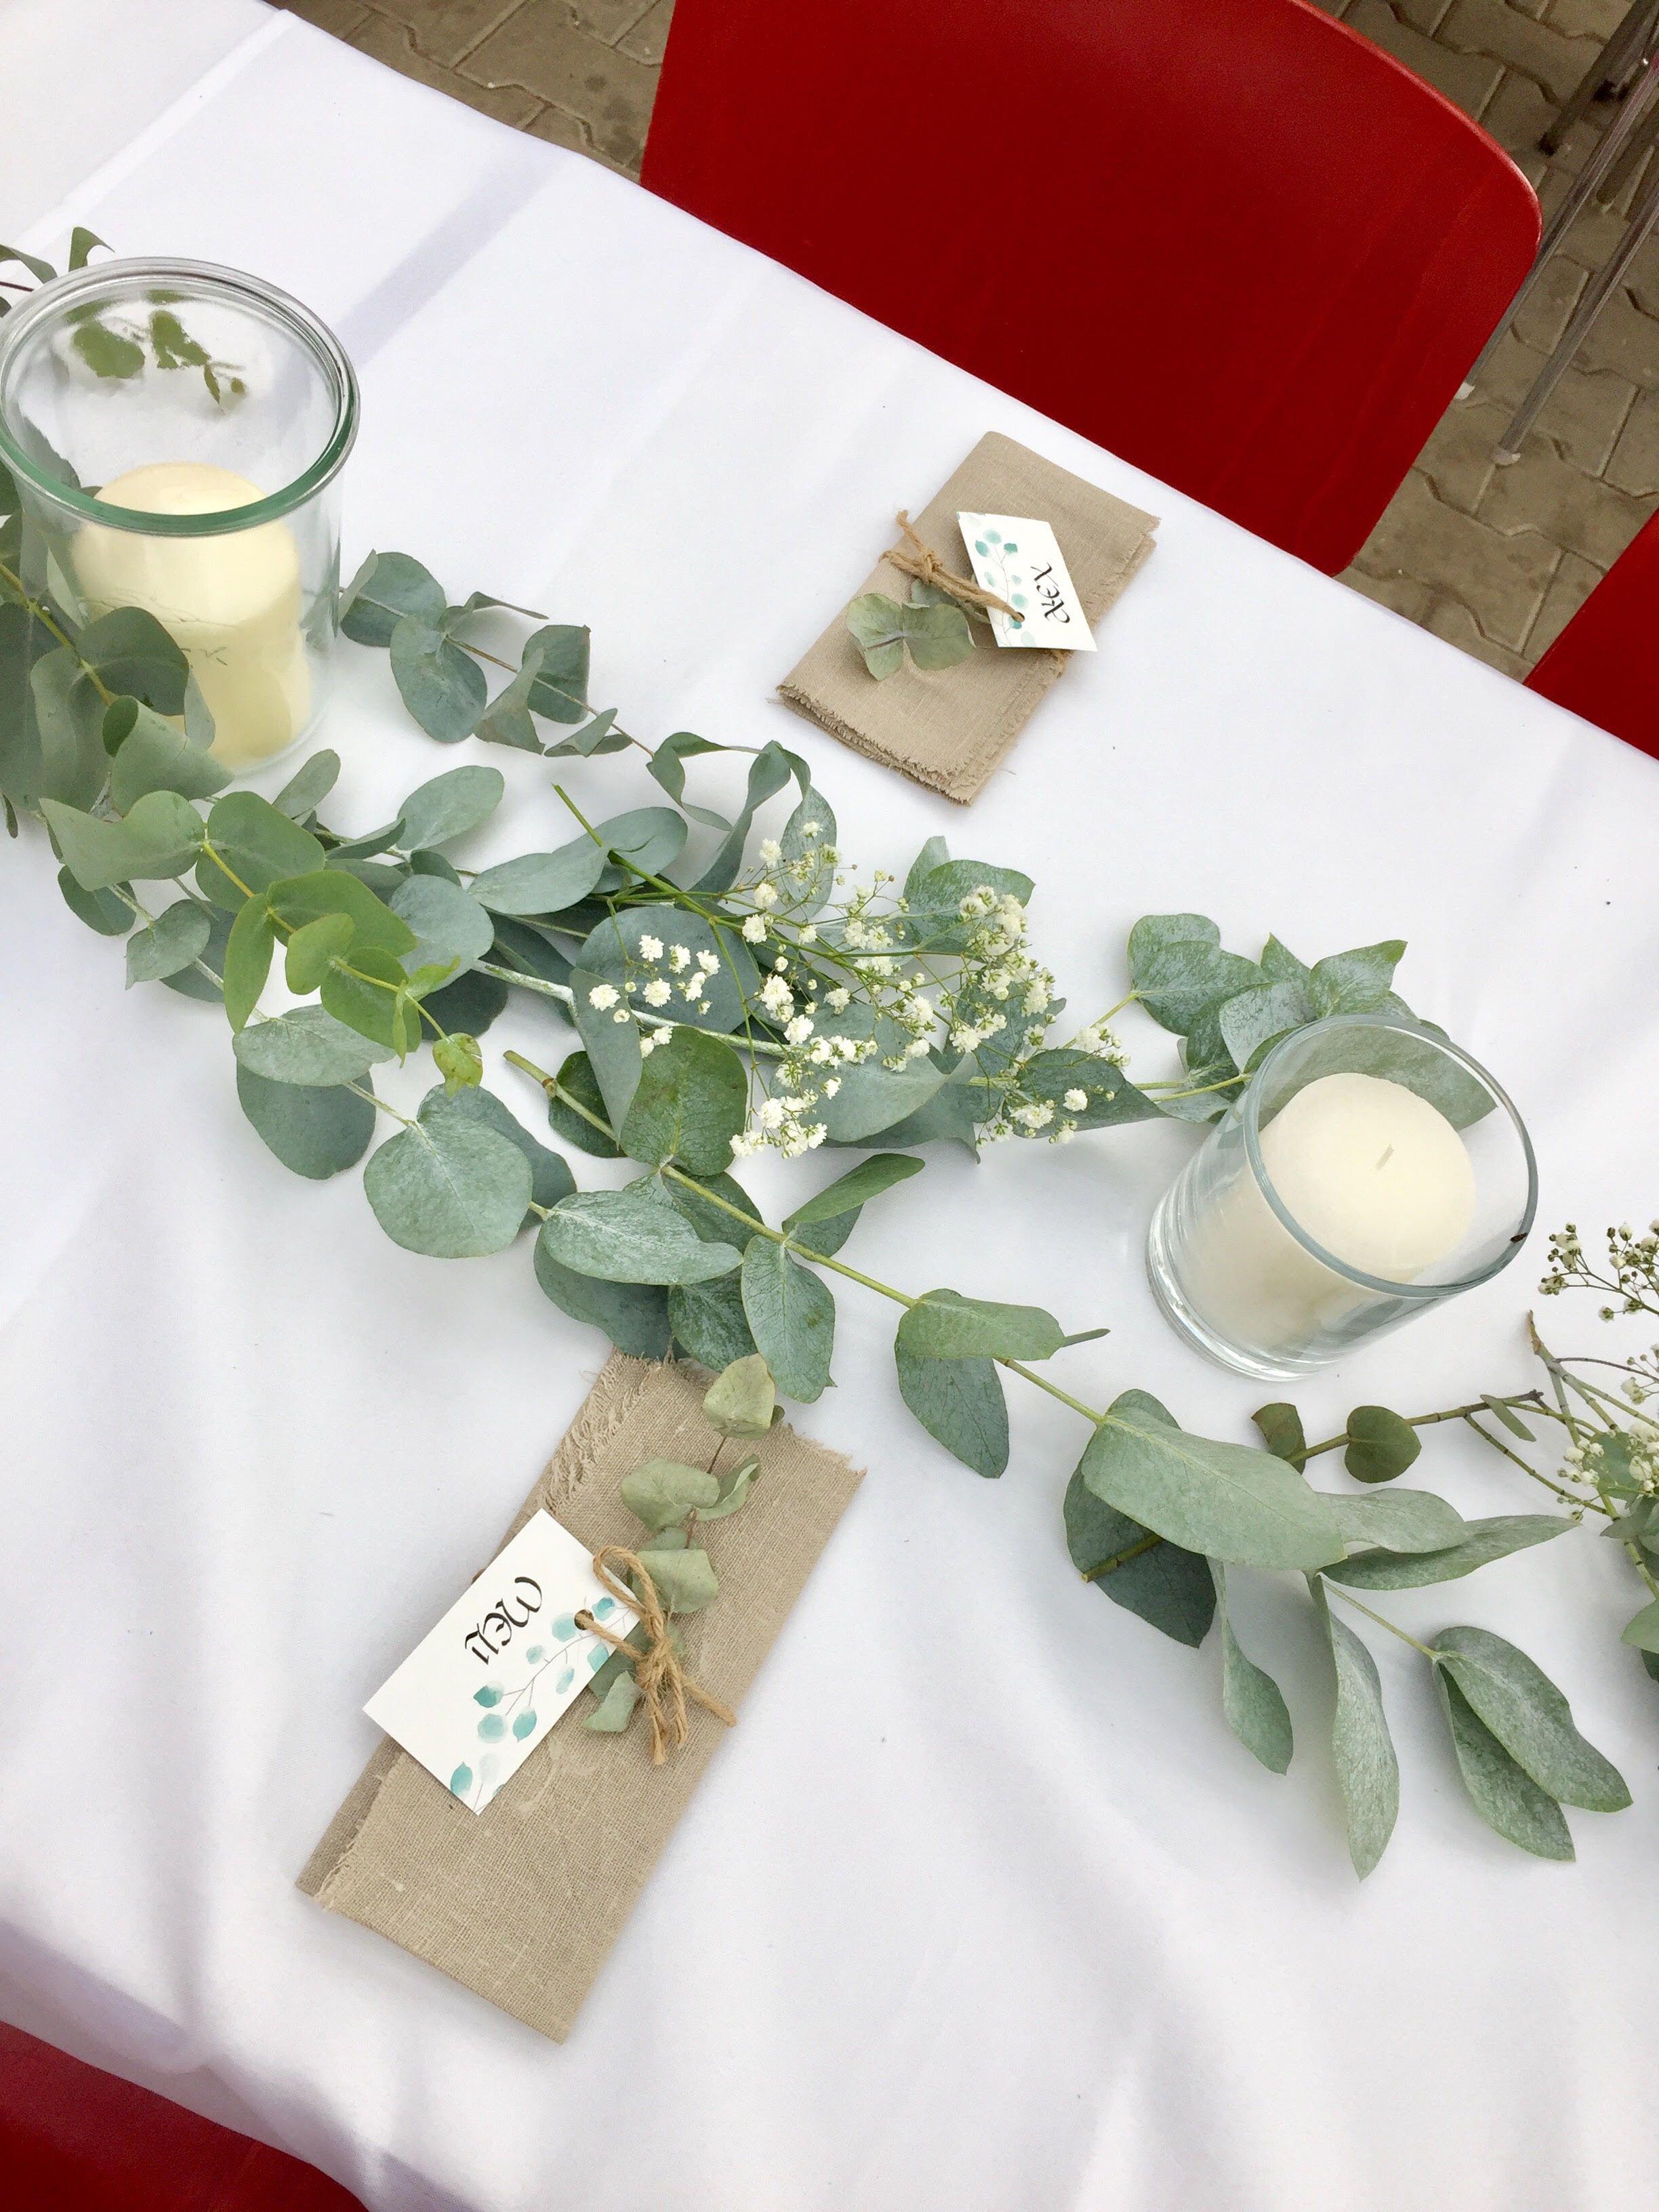 Hochzeit Tischdeko Mit Eukalyptus Gunstig Selber Machen Selber Machen Hochzeit Hochzeit Garten Tischdekoration Hochzeit Blumen